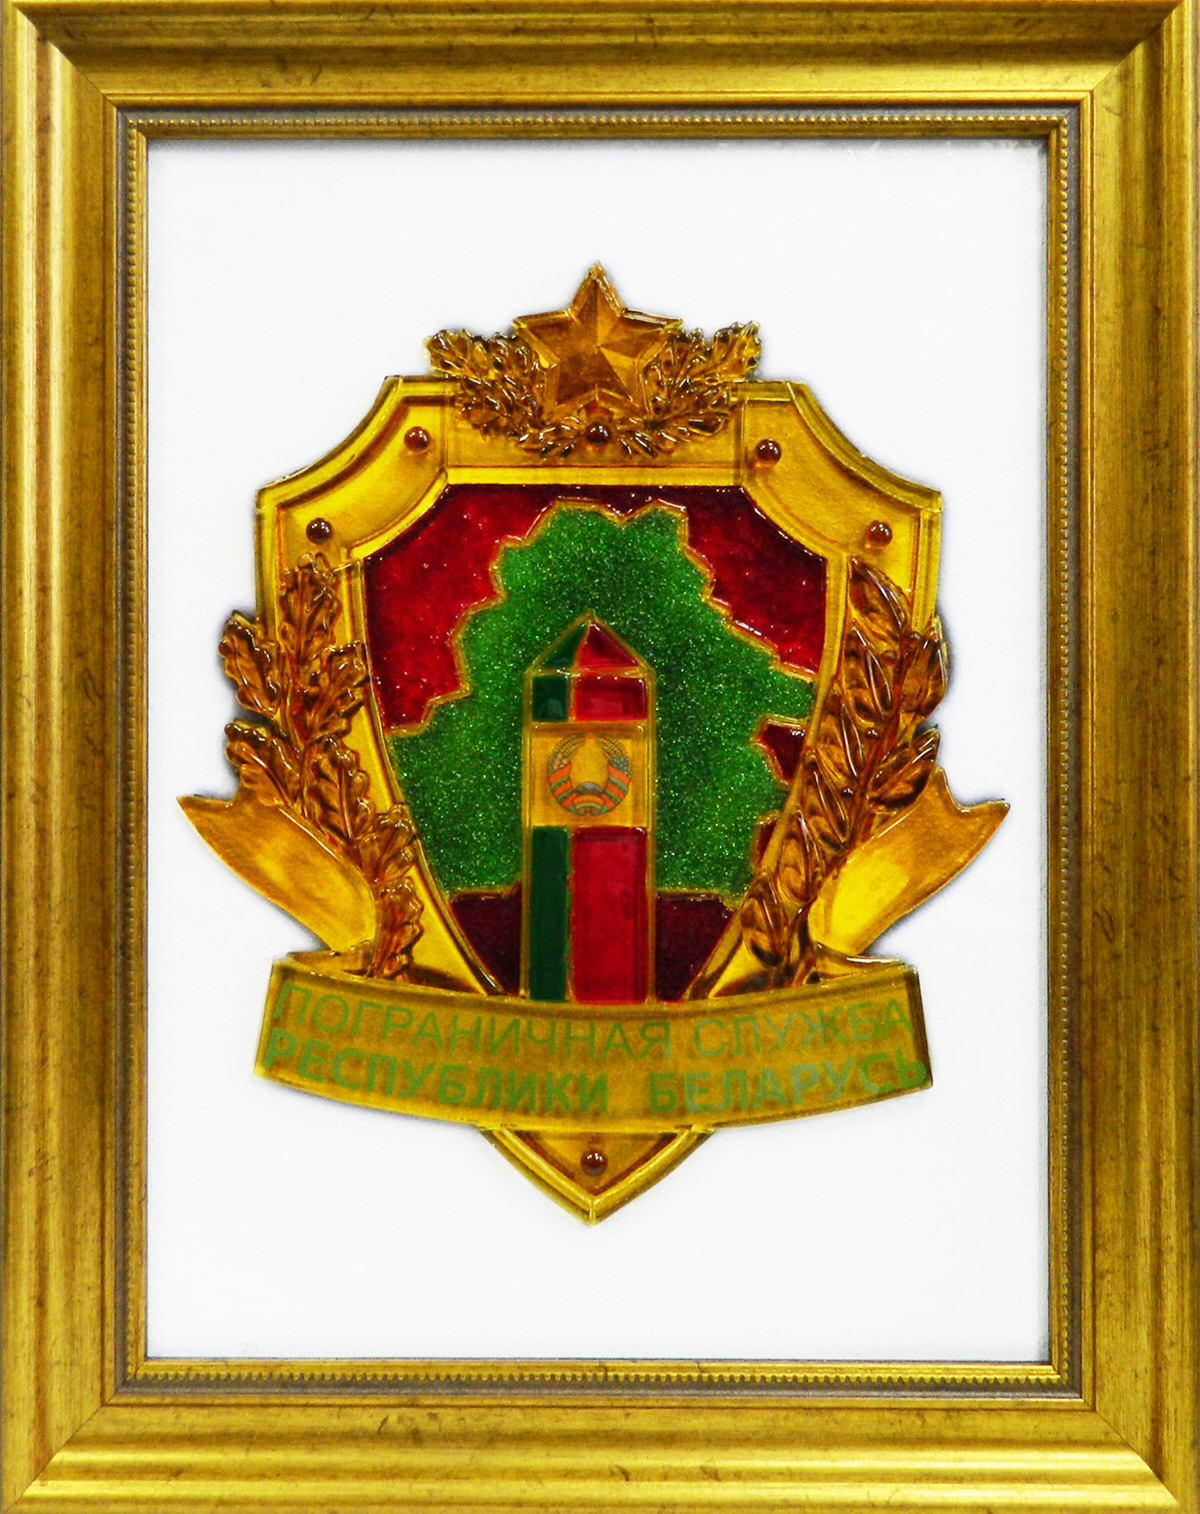 Герб Государственного пограничного комитета Республики Беларусь